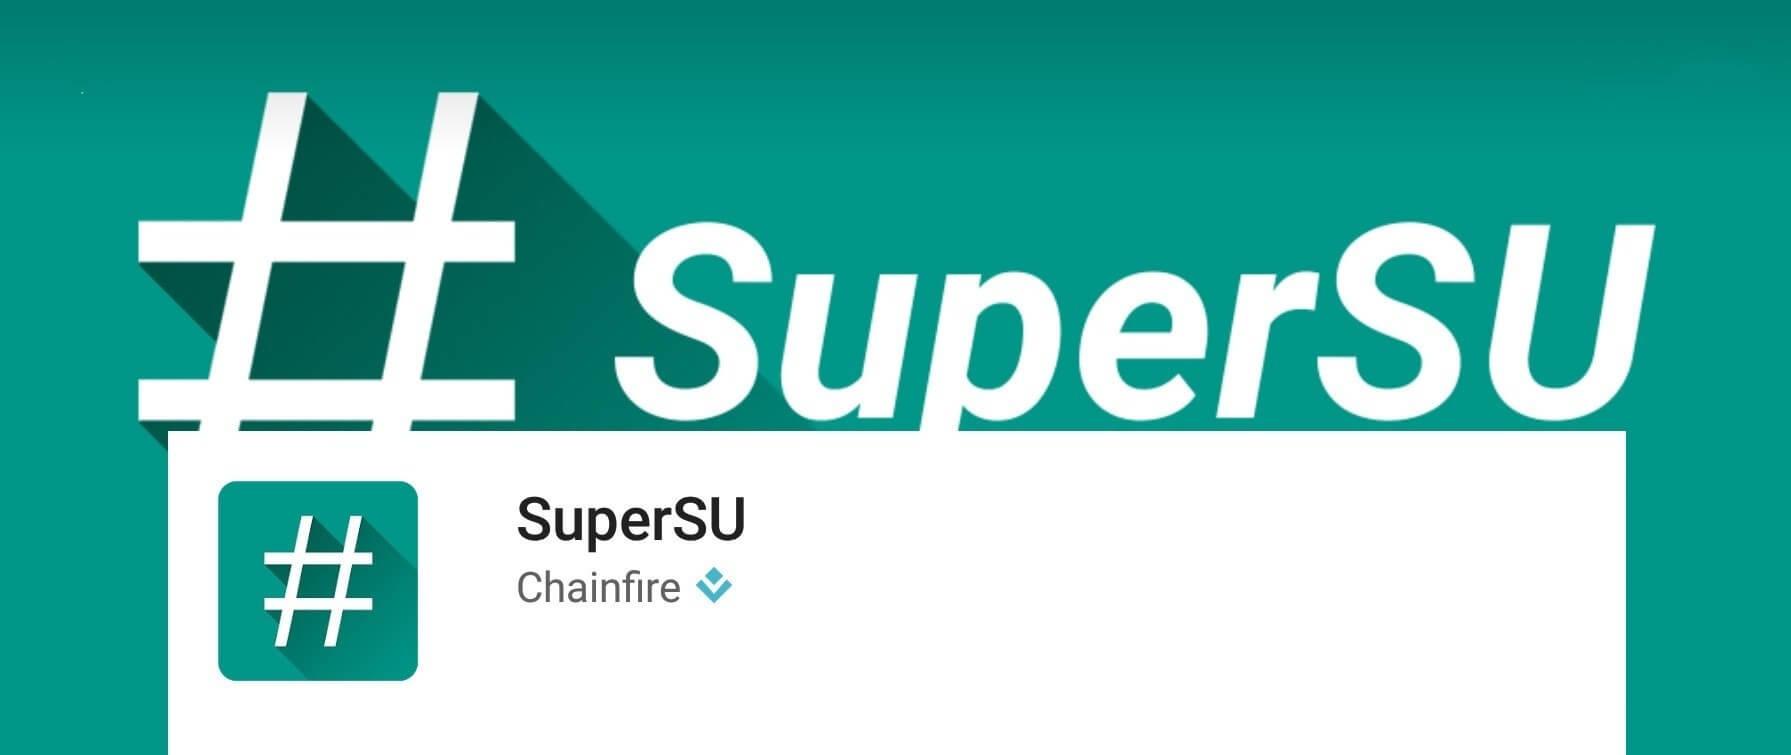 Alat pelindung: SuperSu untuk apa itu? 2